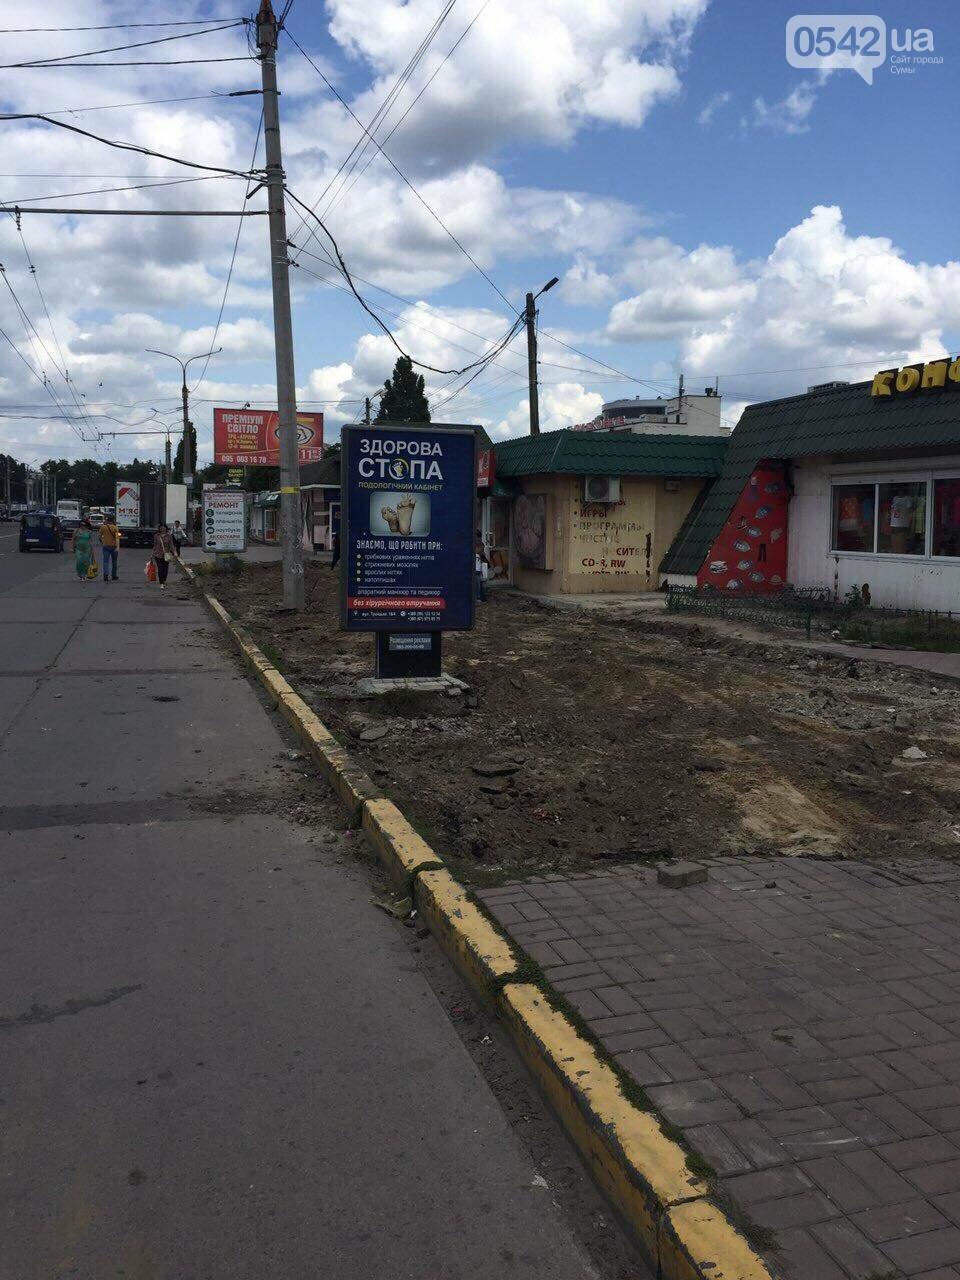 У Сумах ремонтують тротуар по вул. Набережній р. Стрілки, фото-4